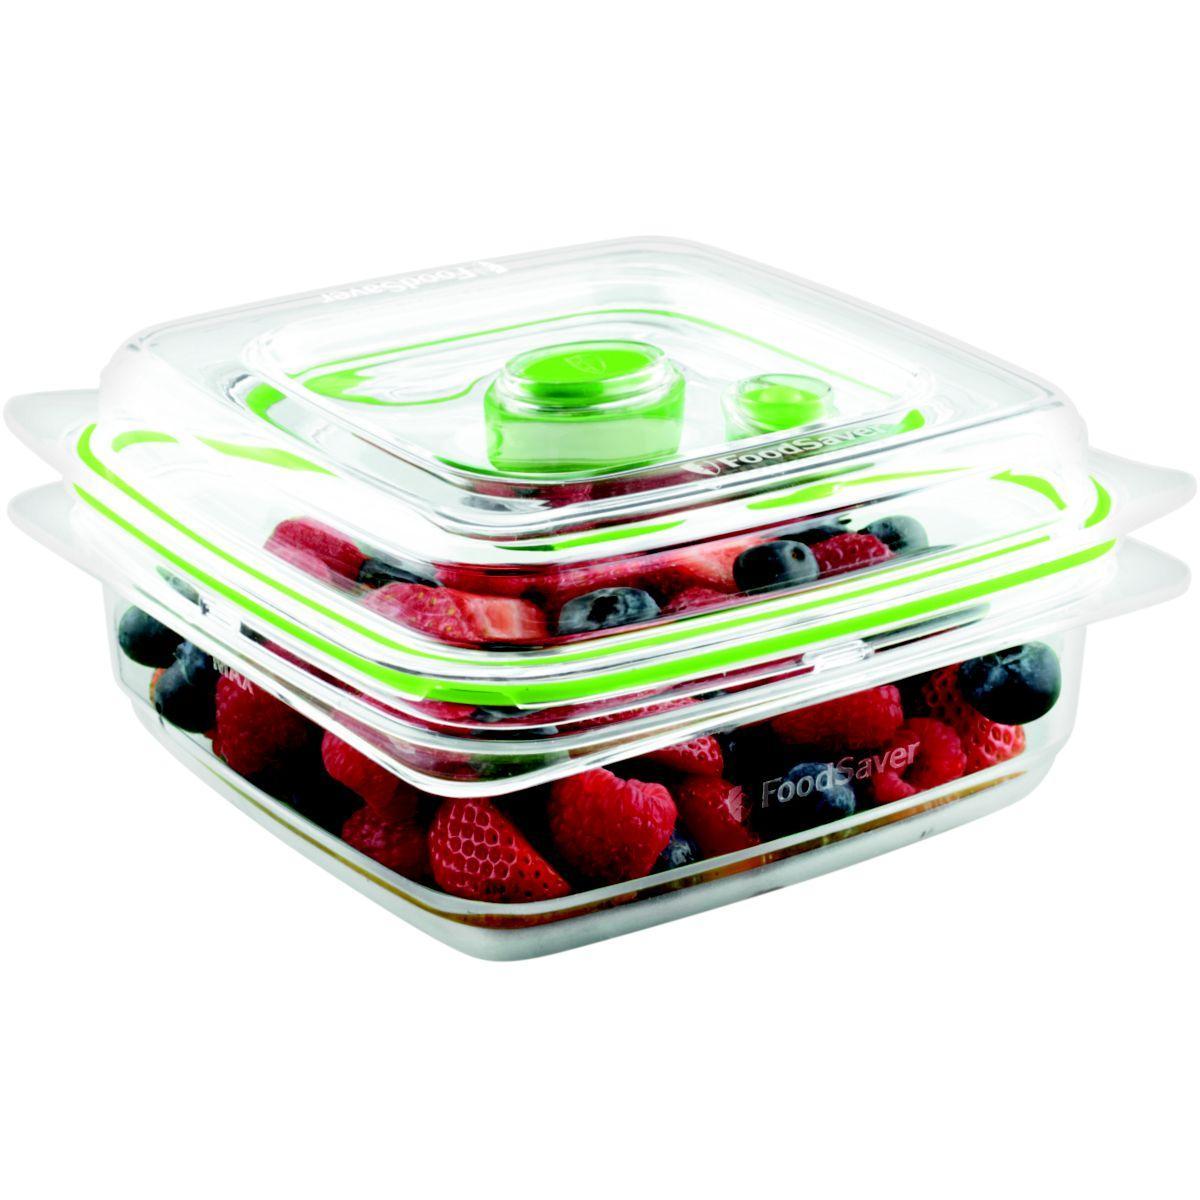 Accessoire food saver ffc003x boîte fraî - produit coup de coeur webdistrib.com ! (photo)